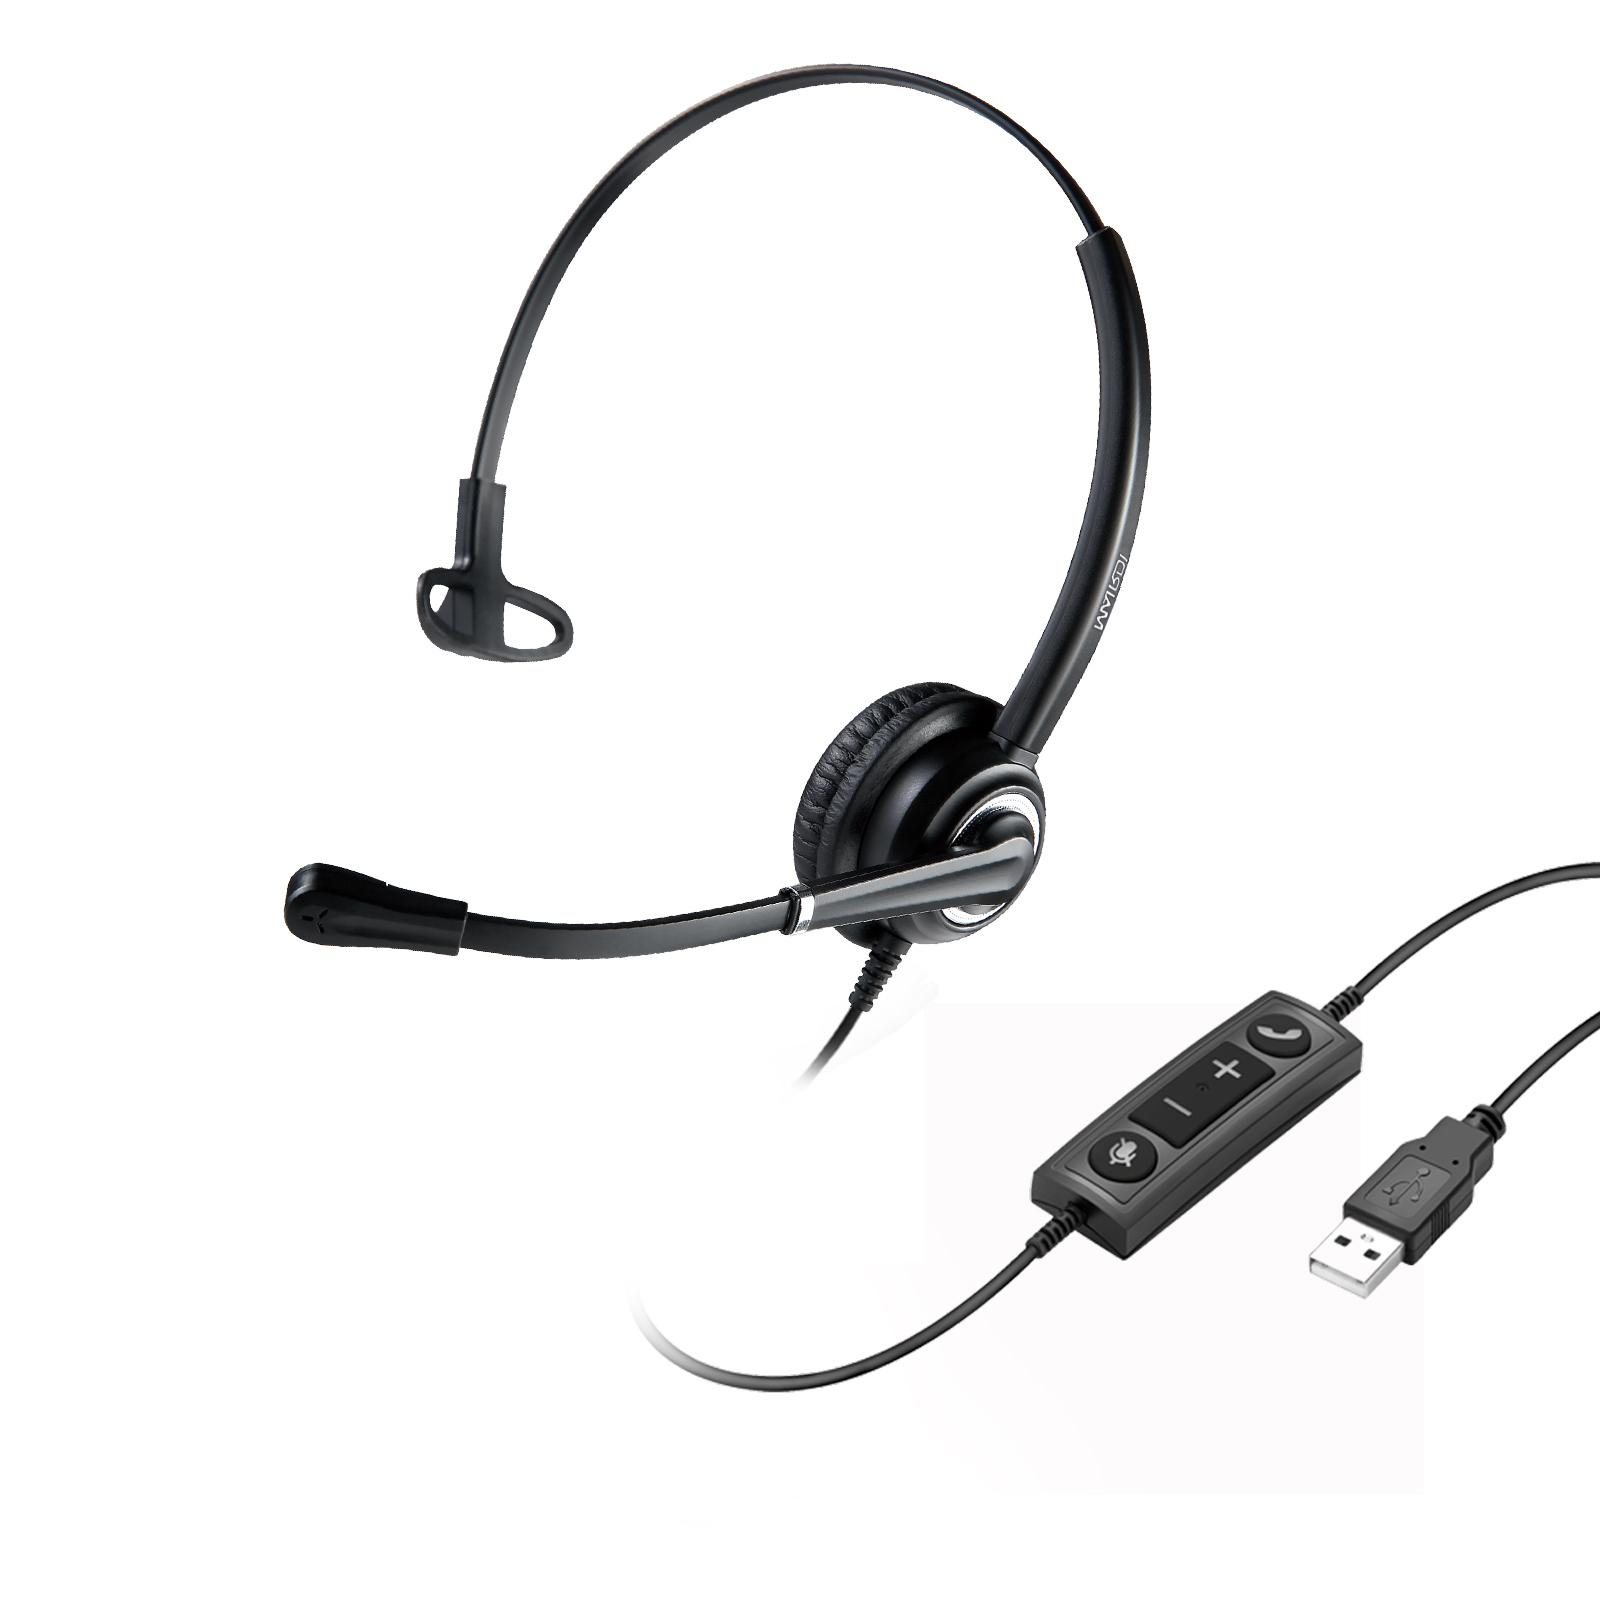 WELL Mairdi MRD-612 USB, náhlavka, jednoušní - 10001312